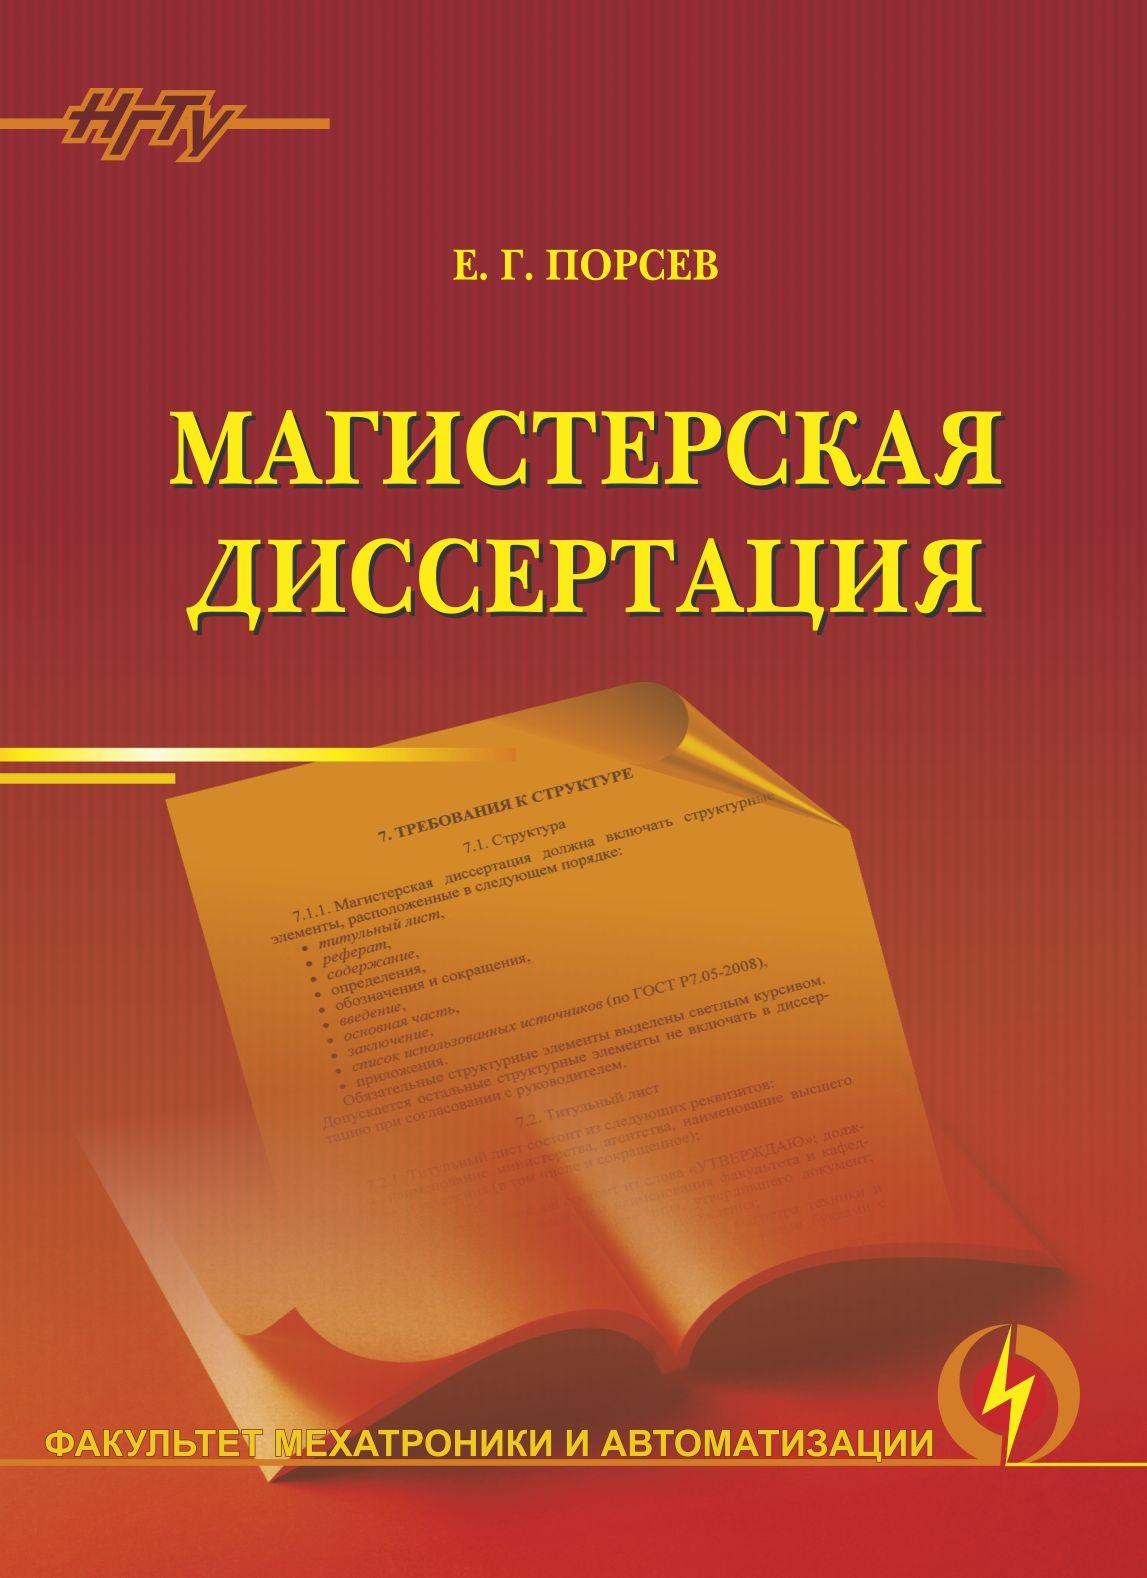 Диссертация — википедия. что такое диссертация